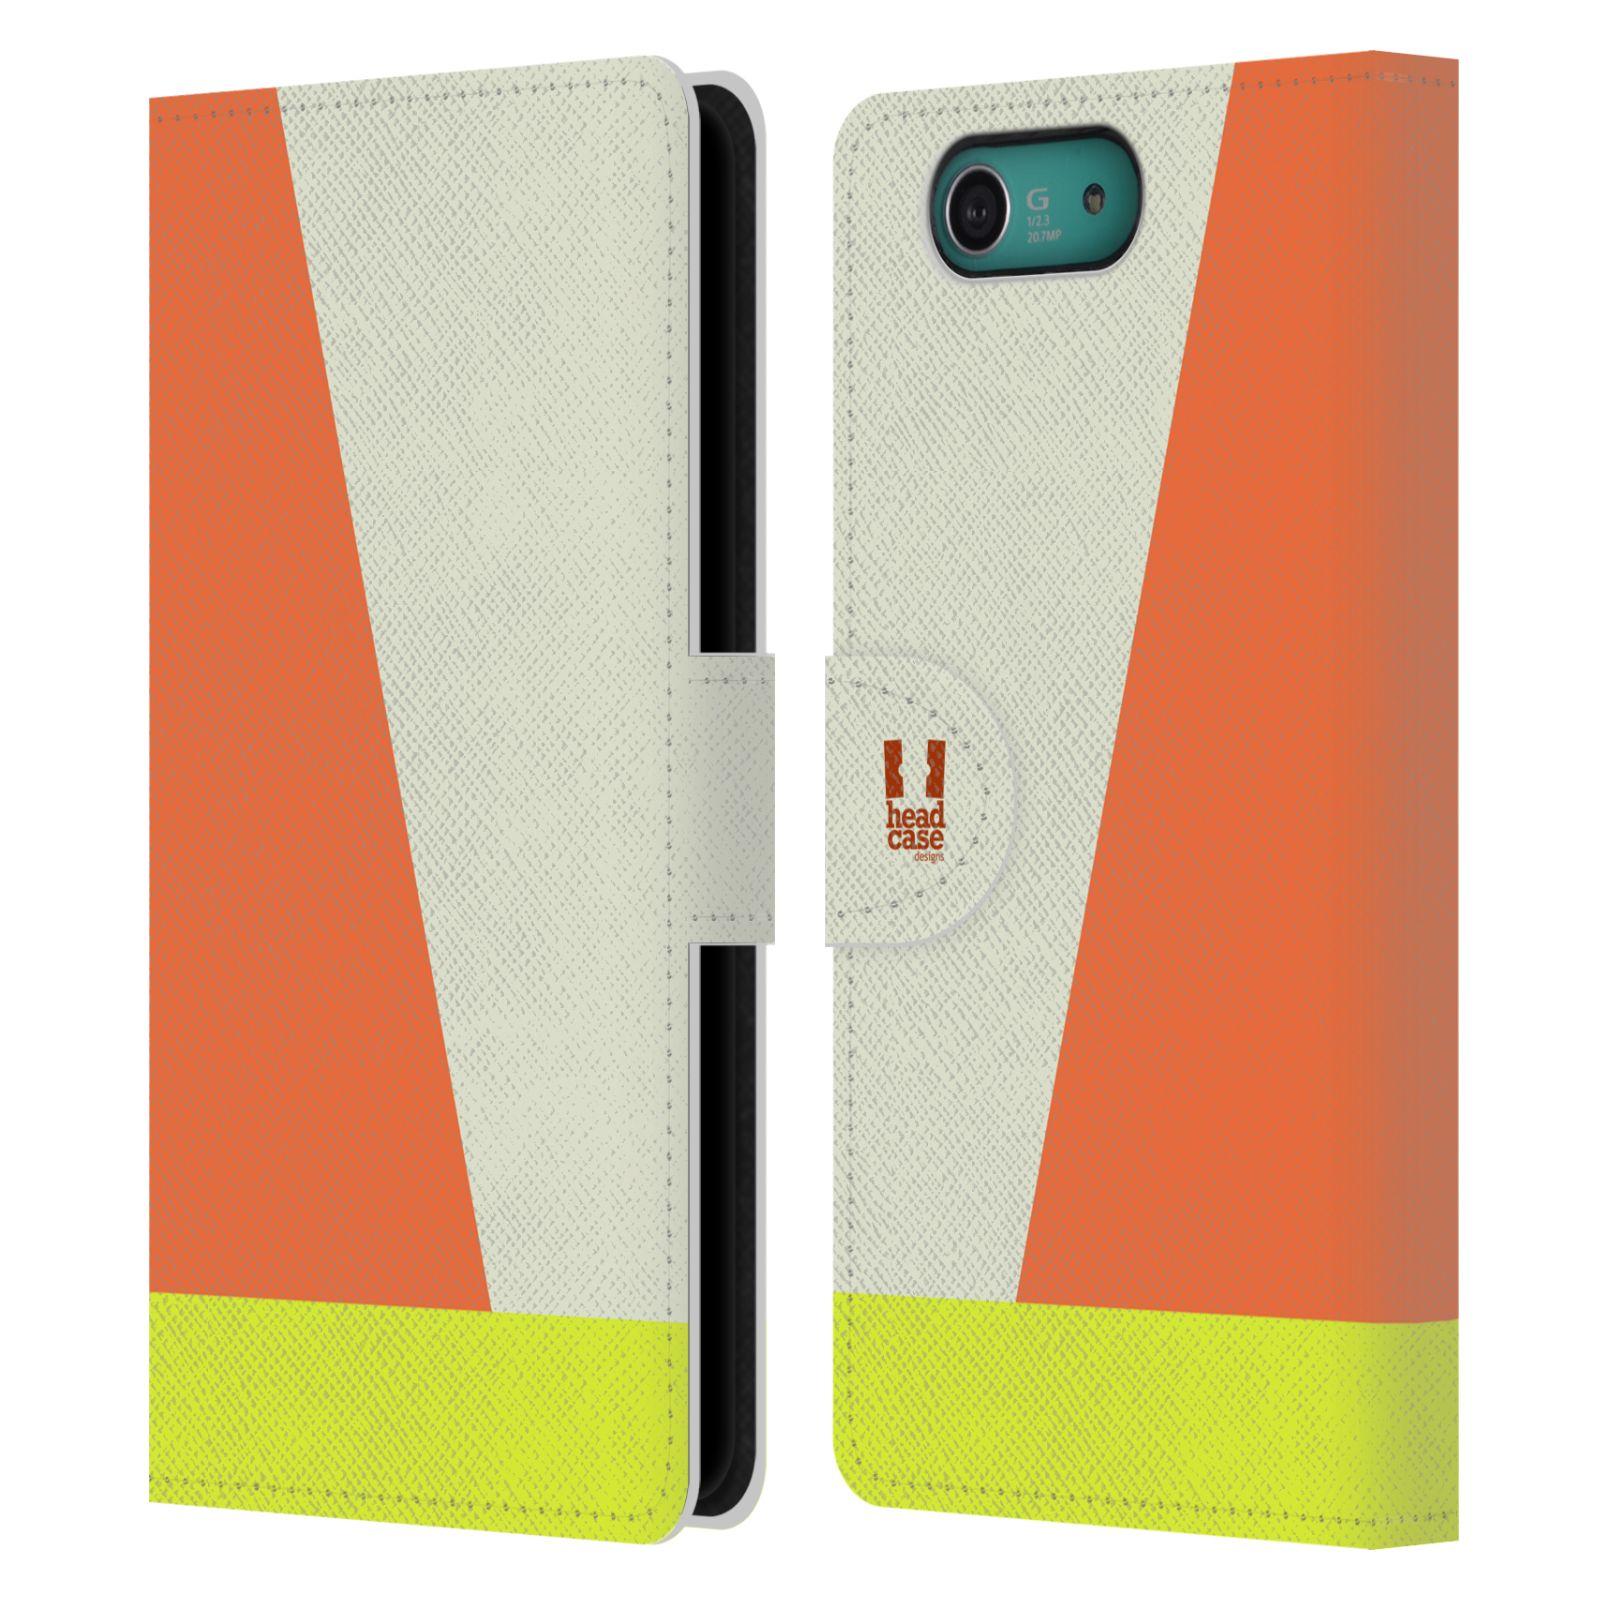 HEAD CASE Flipové pouzdro pro mobil SONY XPERIA Z3 COMPACT barevné tvary slonová kost